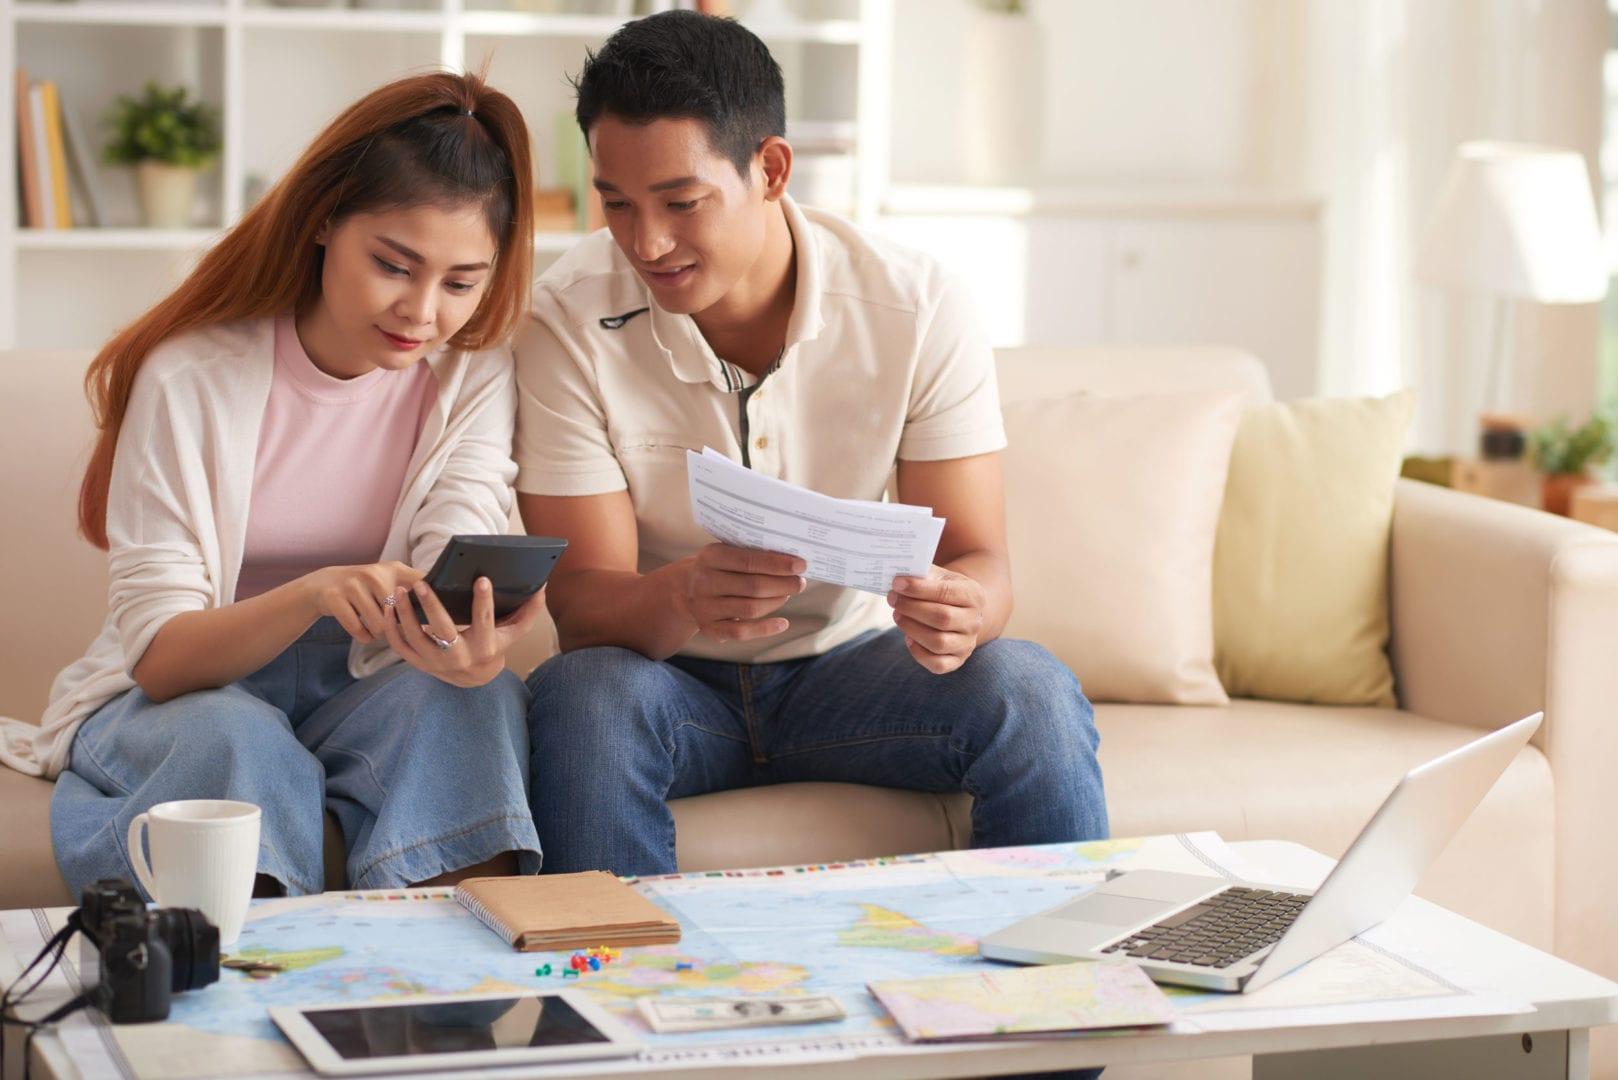 3 bài học tài chính vô giá học từ cuộc ly hôn của cô gái 27 tuổi - Ảnh 1.